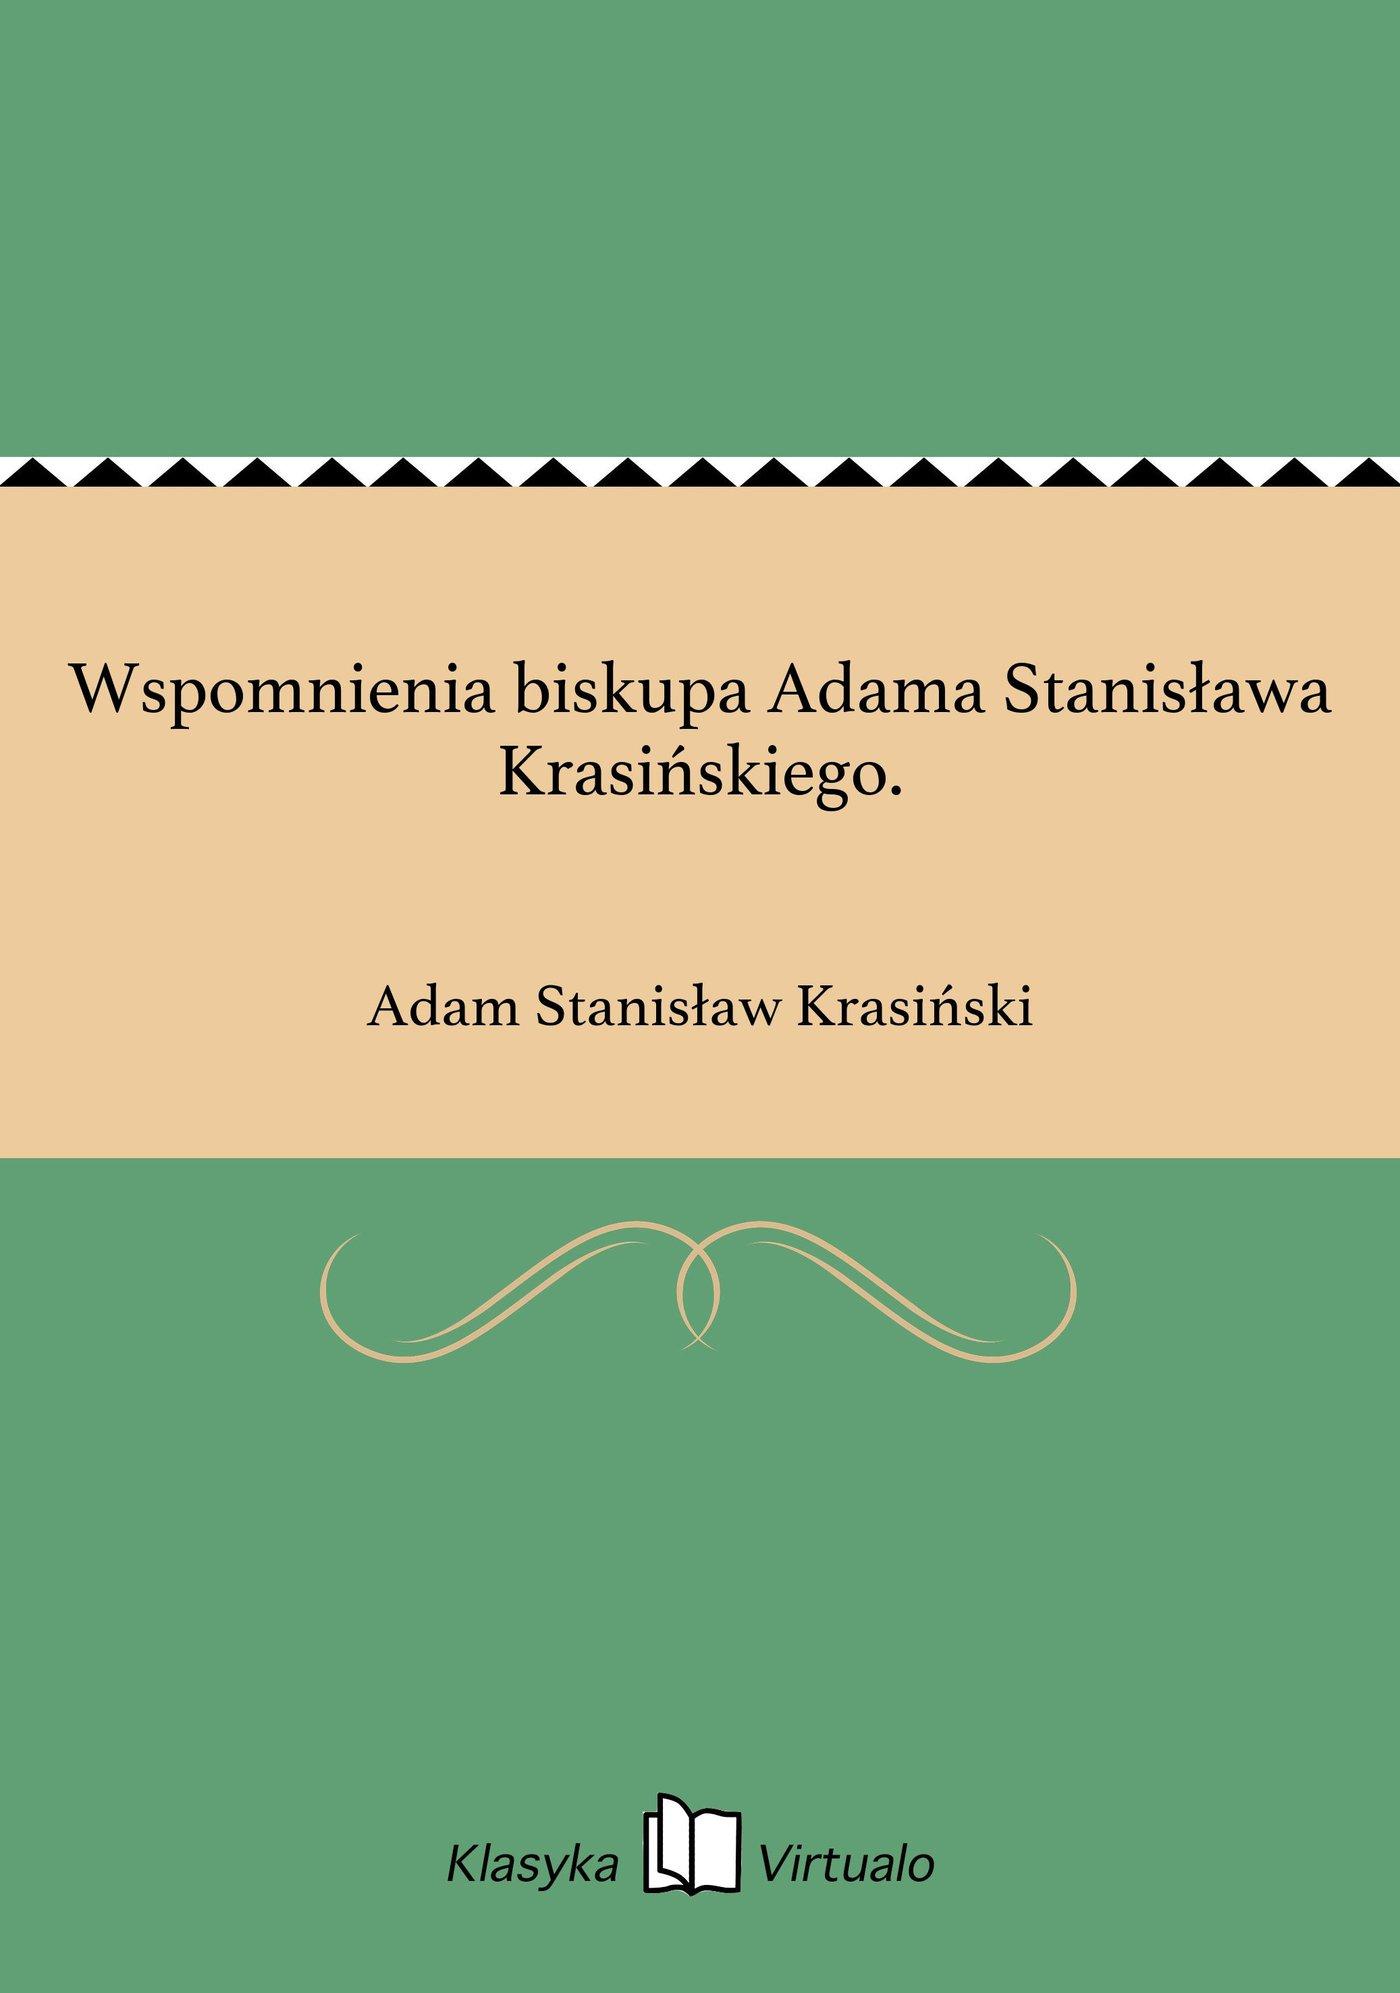 Wspomnienia biskupa Adama Stanisława Krasińskiego. - Ebook (Książka na Kindle) do pobrania w formacie MOBI